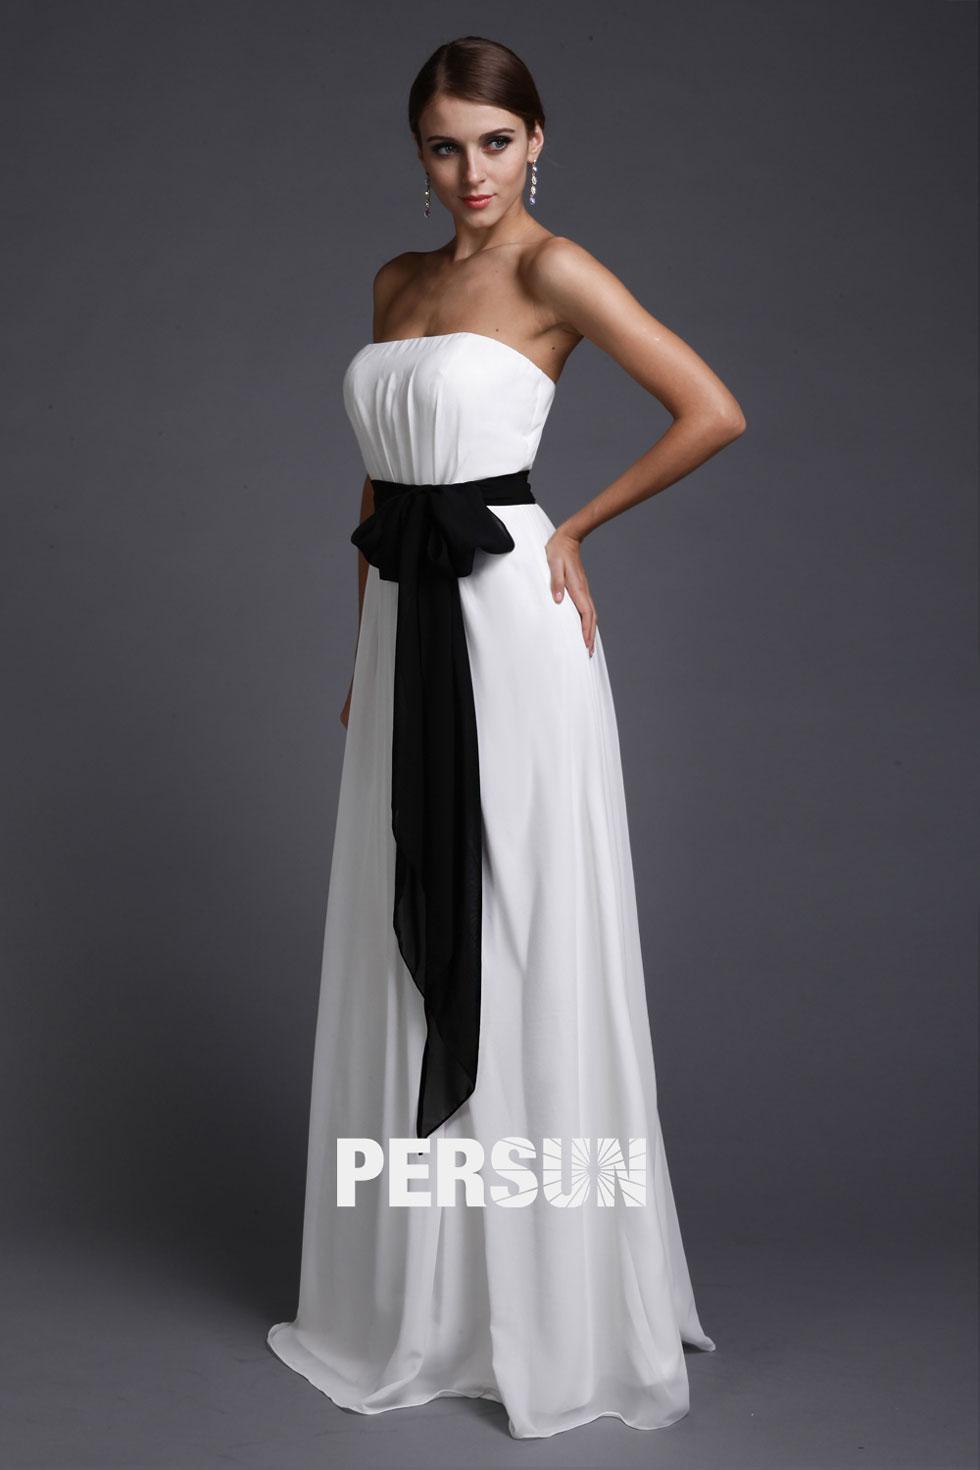 robe bustier blanche avec ceinture noire